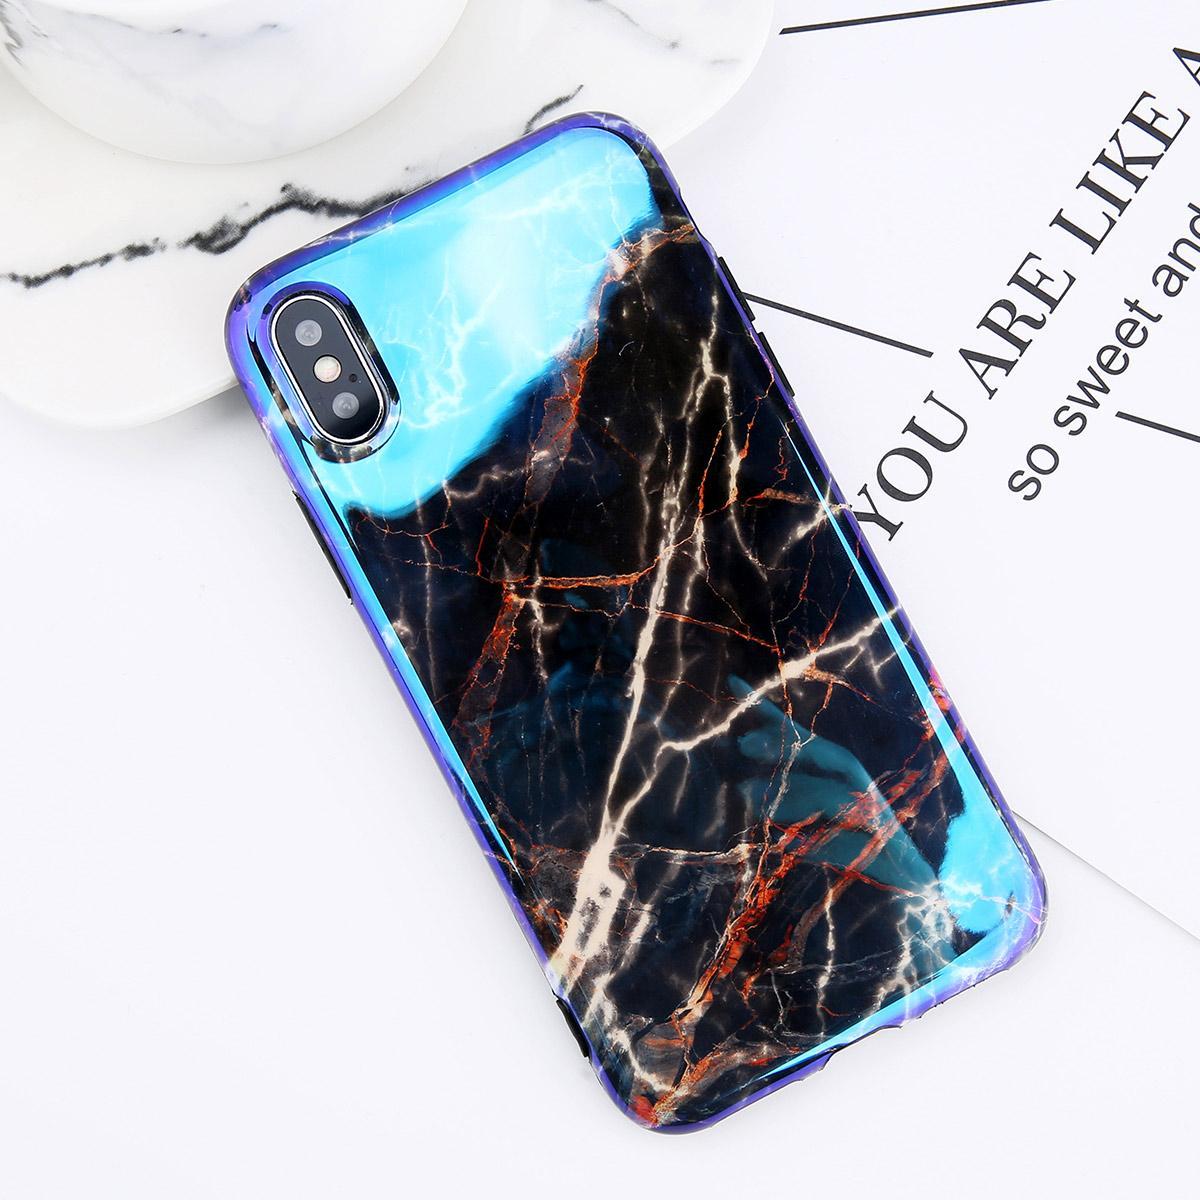 USLION Blu-ray Gradien Marmer Telepon Kasus Untuk iPhone 6 6 s Ditambah Mengkilap Batu Lembut TPU Penutup Belakang Kasus Untuk iPhone X 8 7 Ditambah Ruang Abu-abu